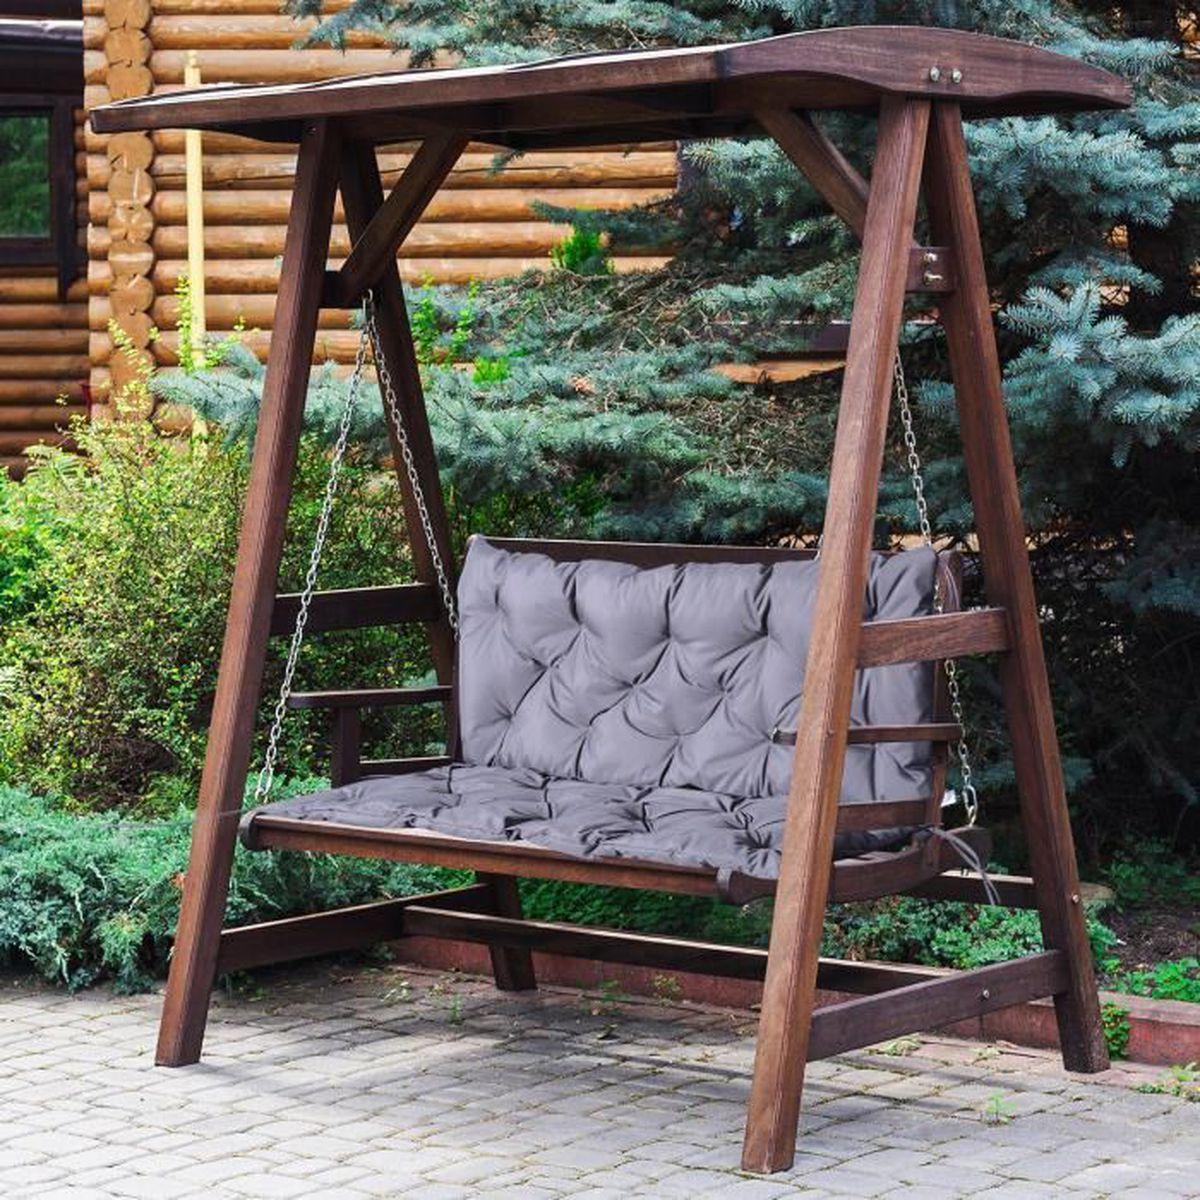 outsunny coussin assise dossier pour banc de jardin balancelle 2 places oxford 98 x 100 x 8cm. Black Bedroom Furniture Sets. Home Design Ideas